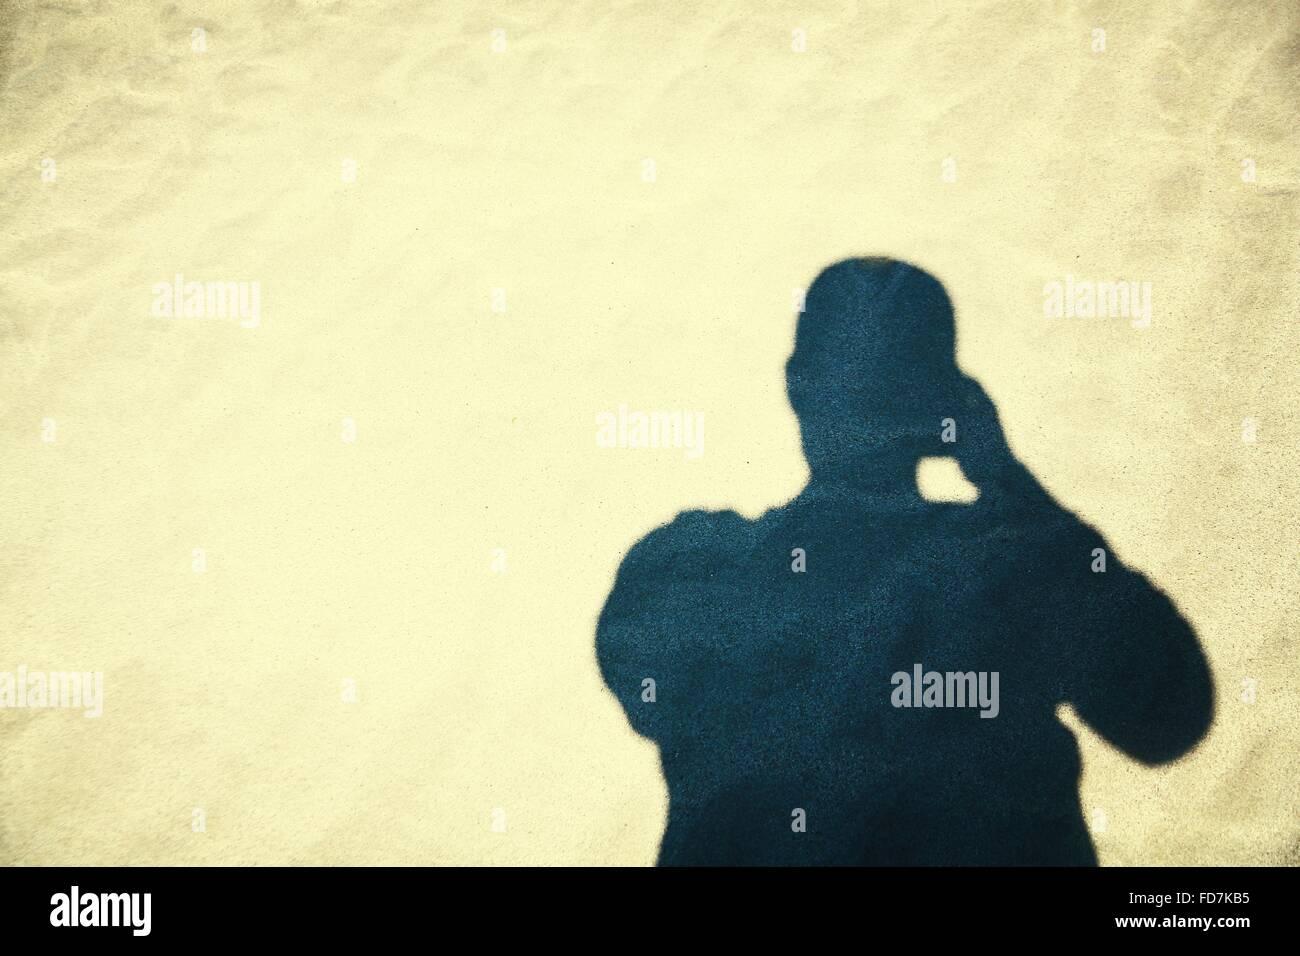 Schatten der Person über Sand Stockbild